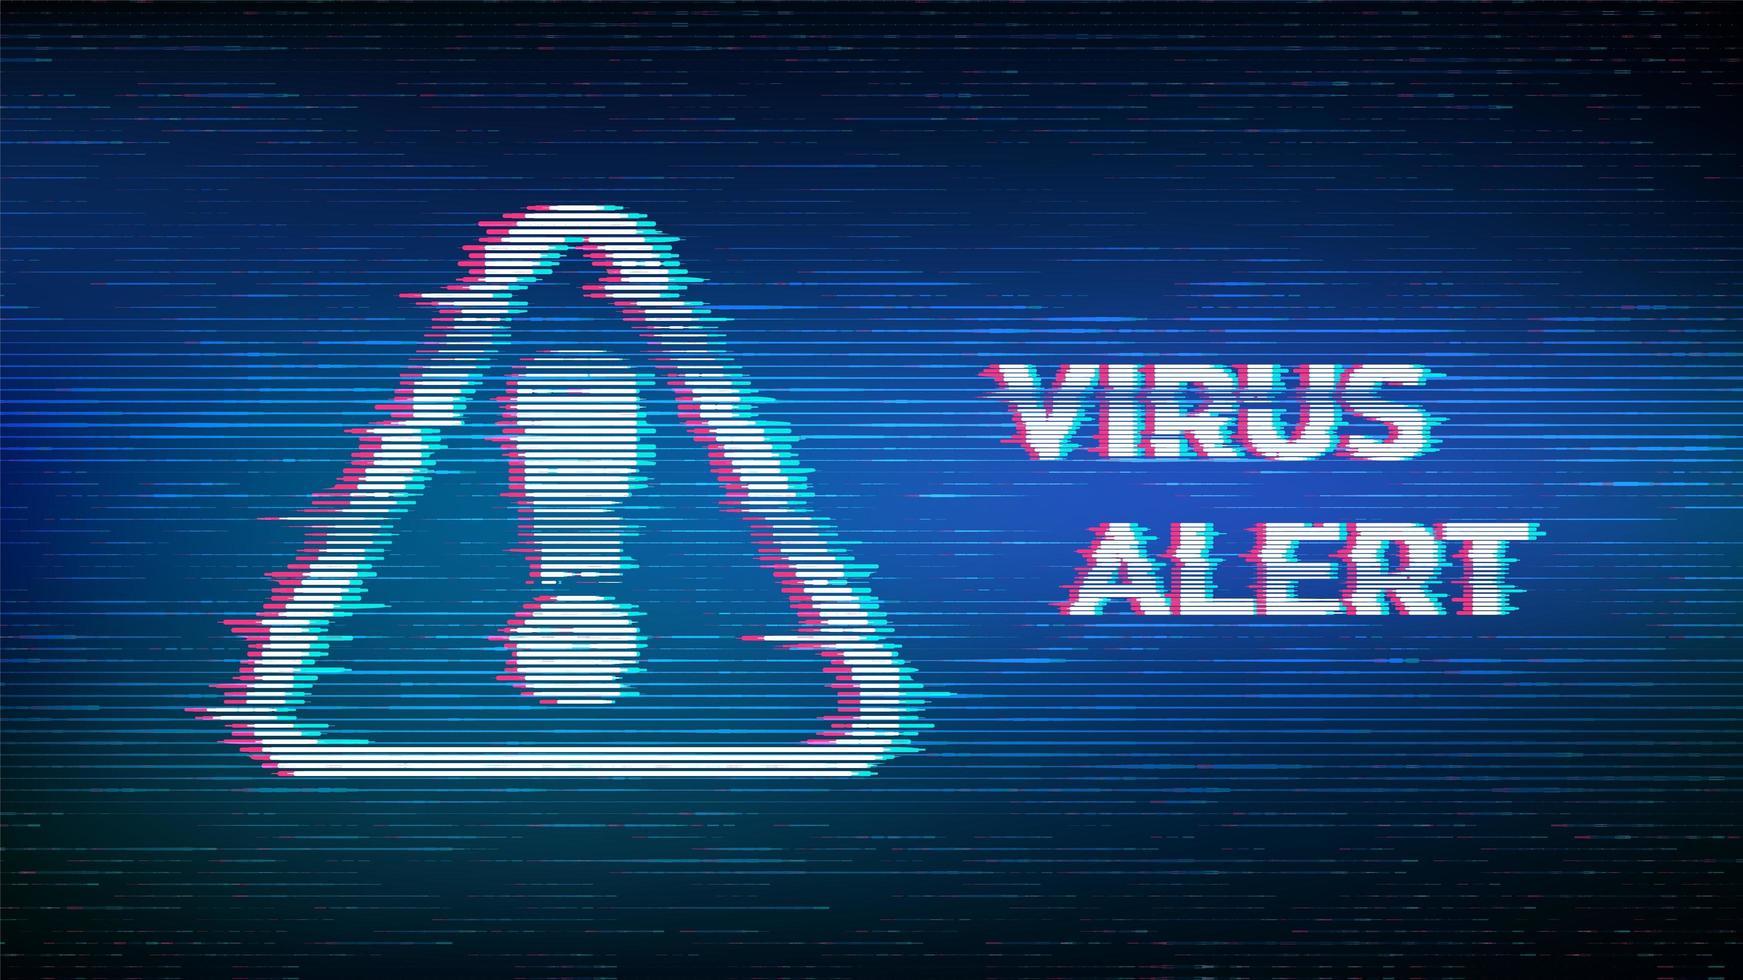 bannière avec alerte de virus et symbole d & # 39; attention glitched vecteur